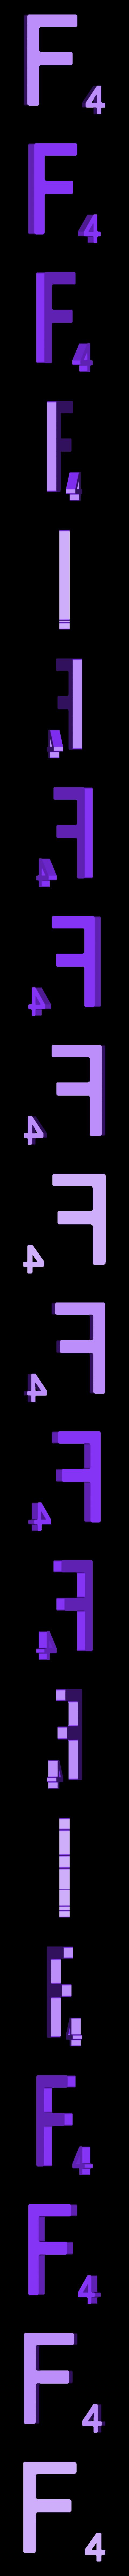 Dual_Letter_F.STL Télécharger fichier STL gratuit Pièces et support SCRABBBLE • Design pour imprimante 3D, Balkhagal4D